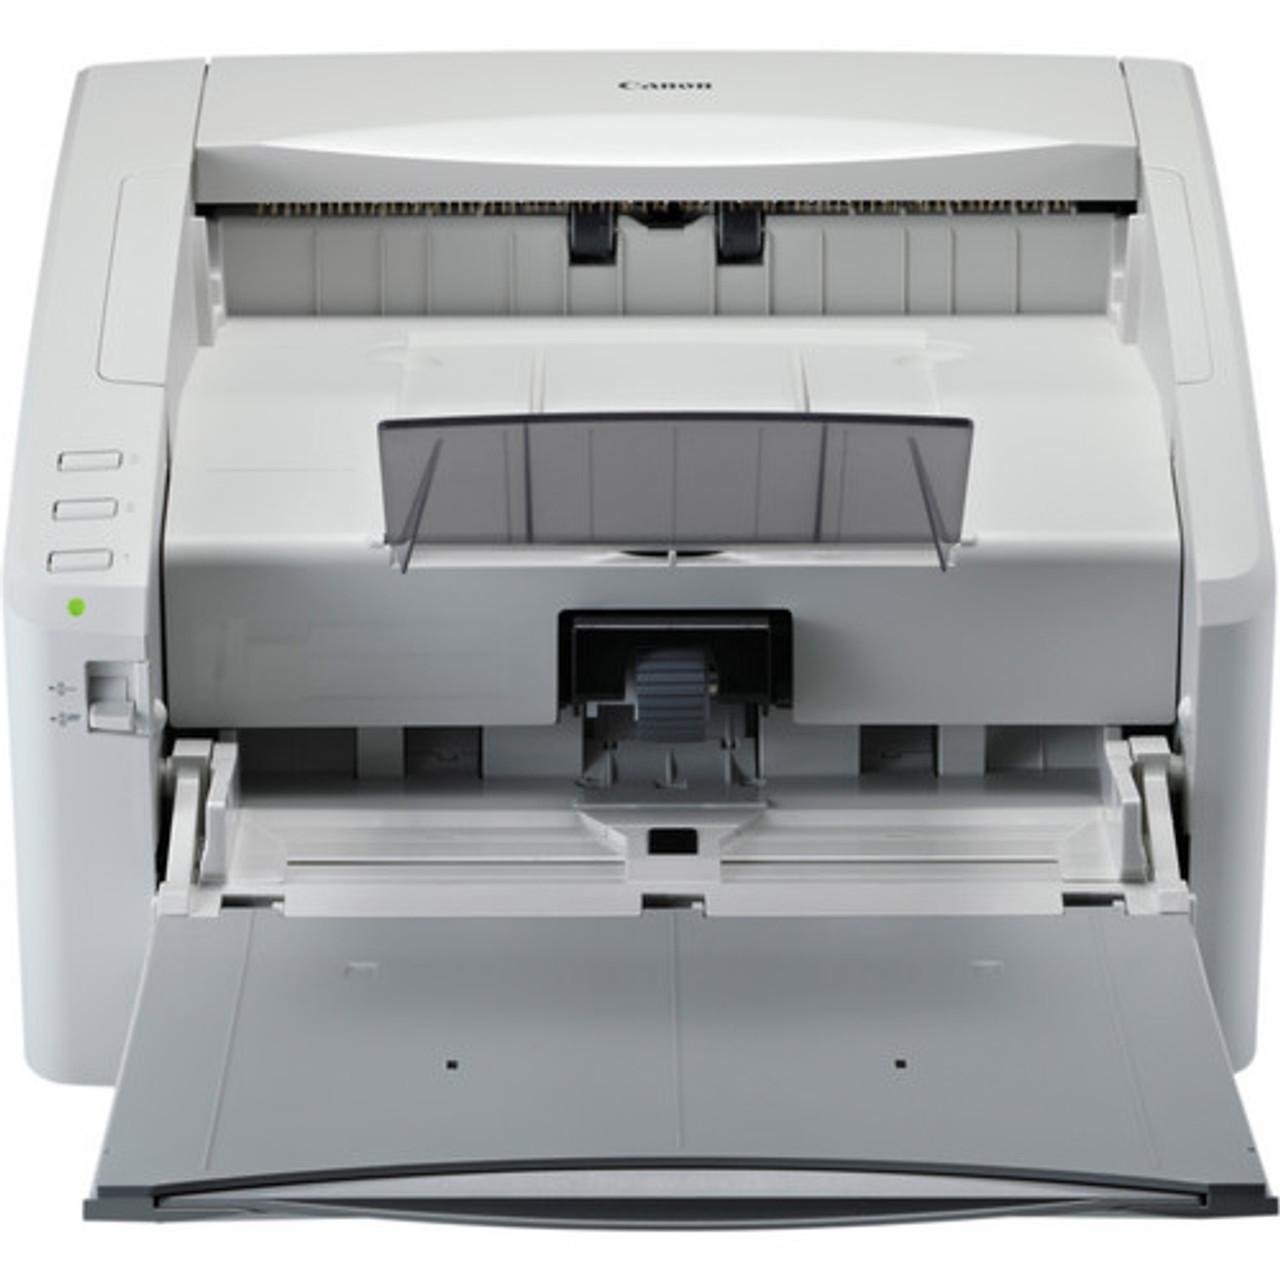 Canon imageFORMULA DR-6010C Scanner